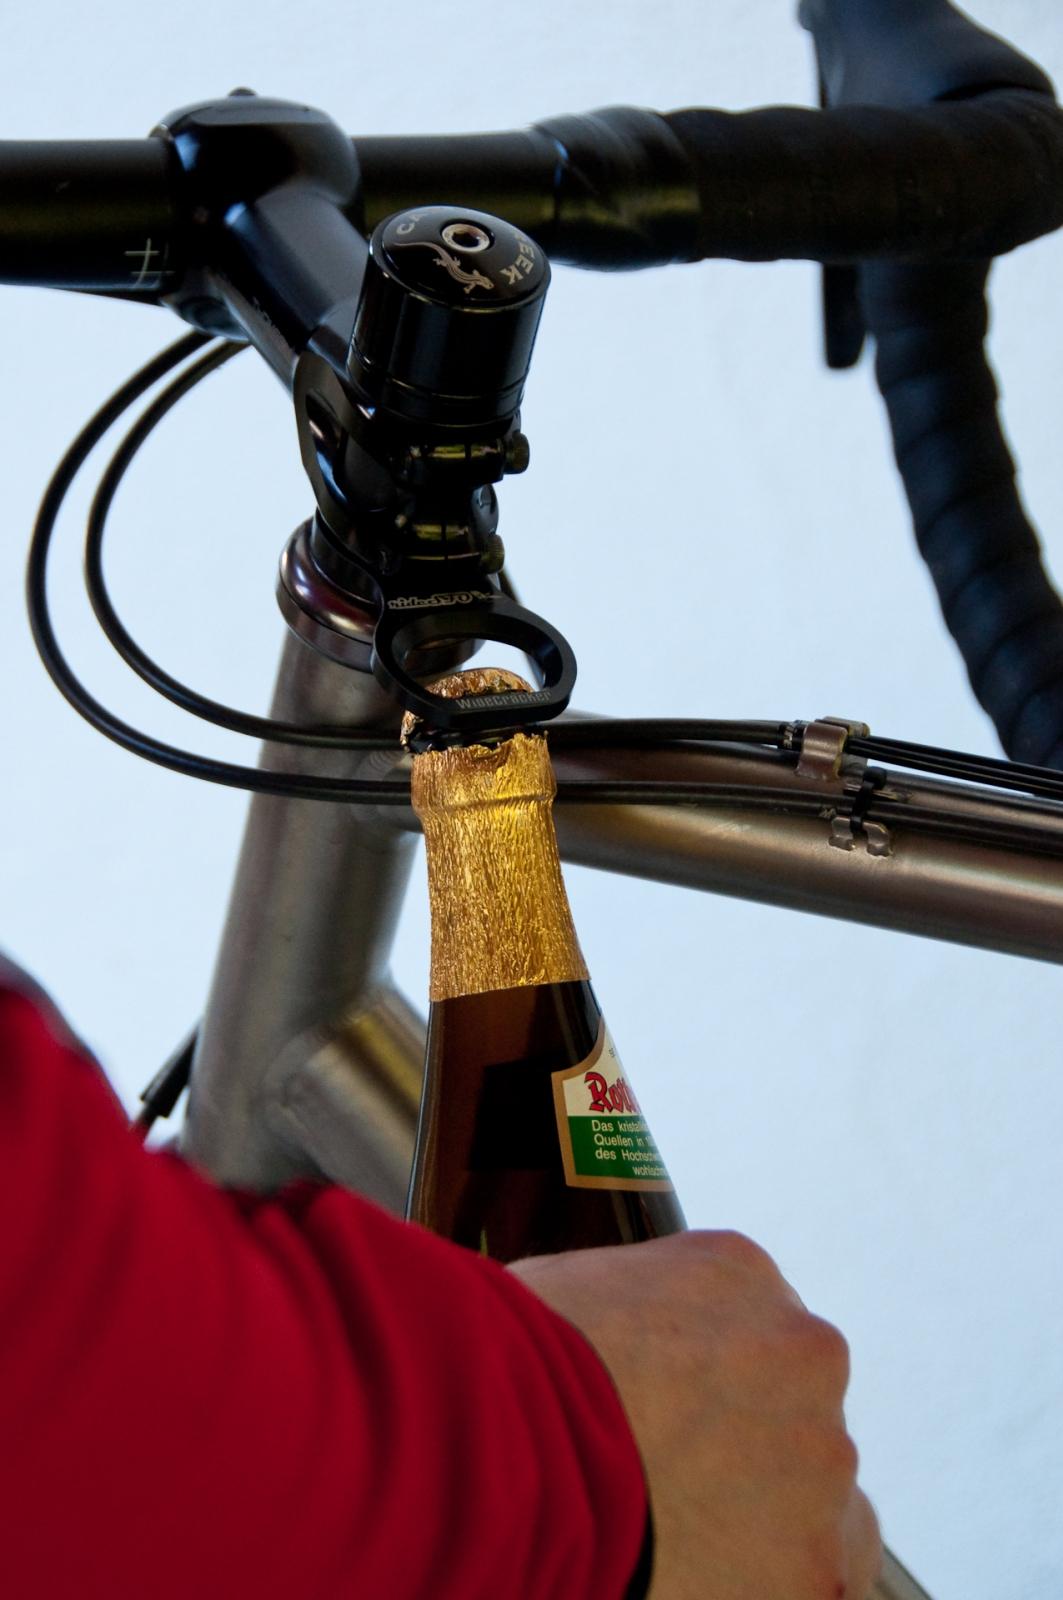 cykel ölöppnare flasköppnare bicycle bottle opener